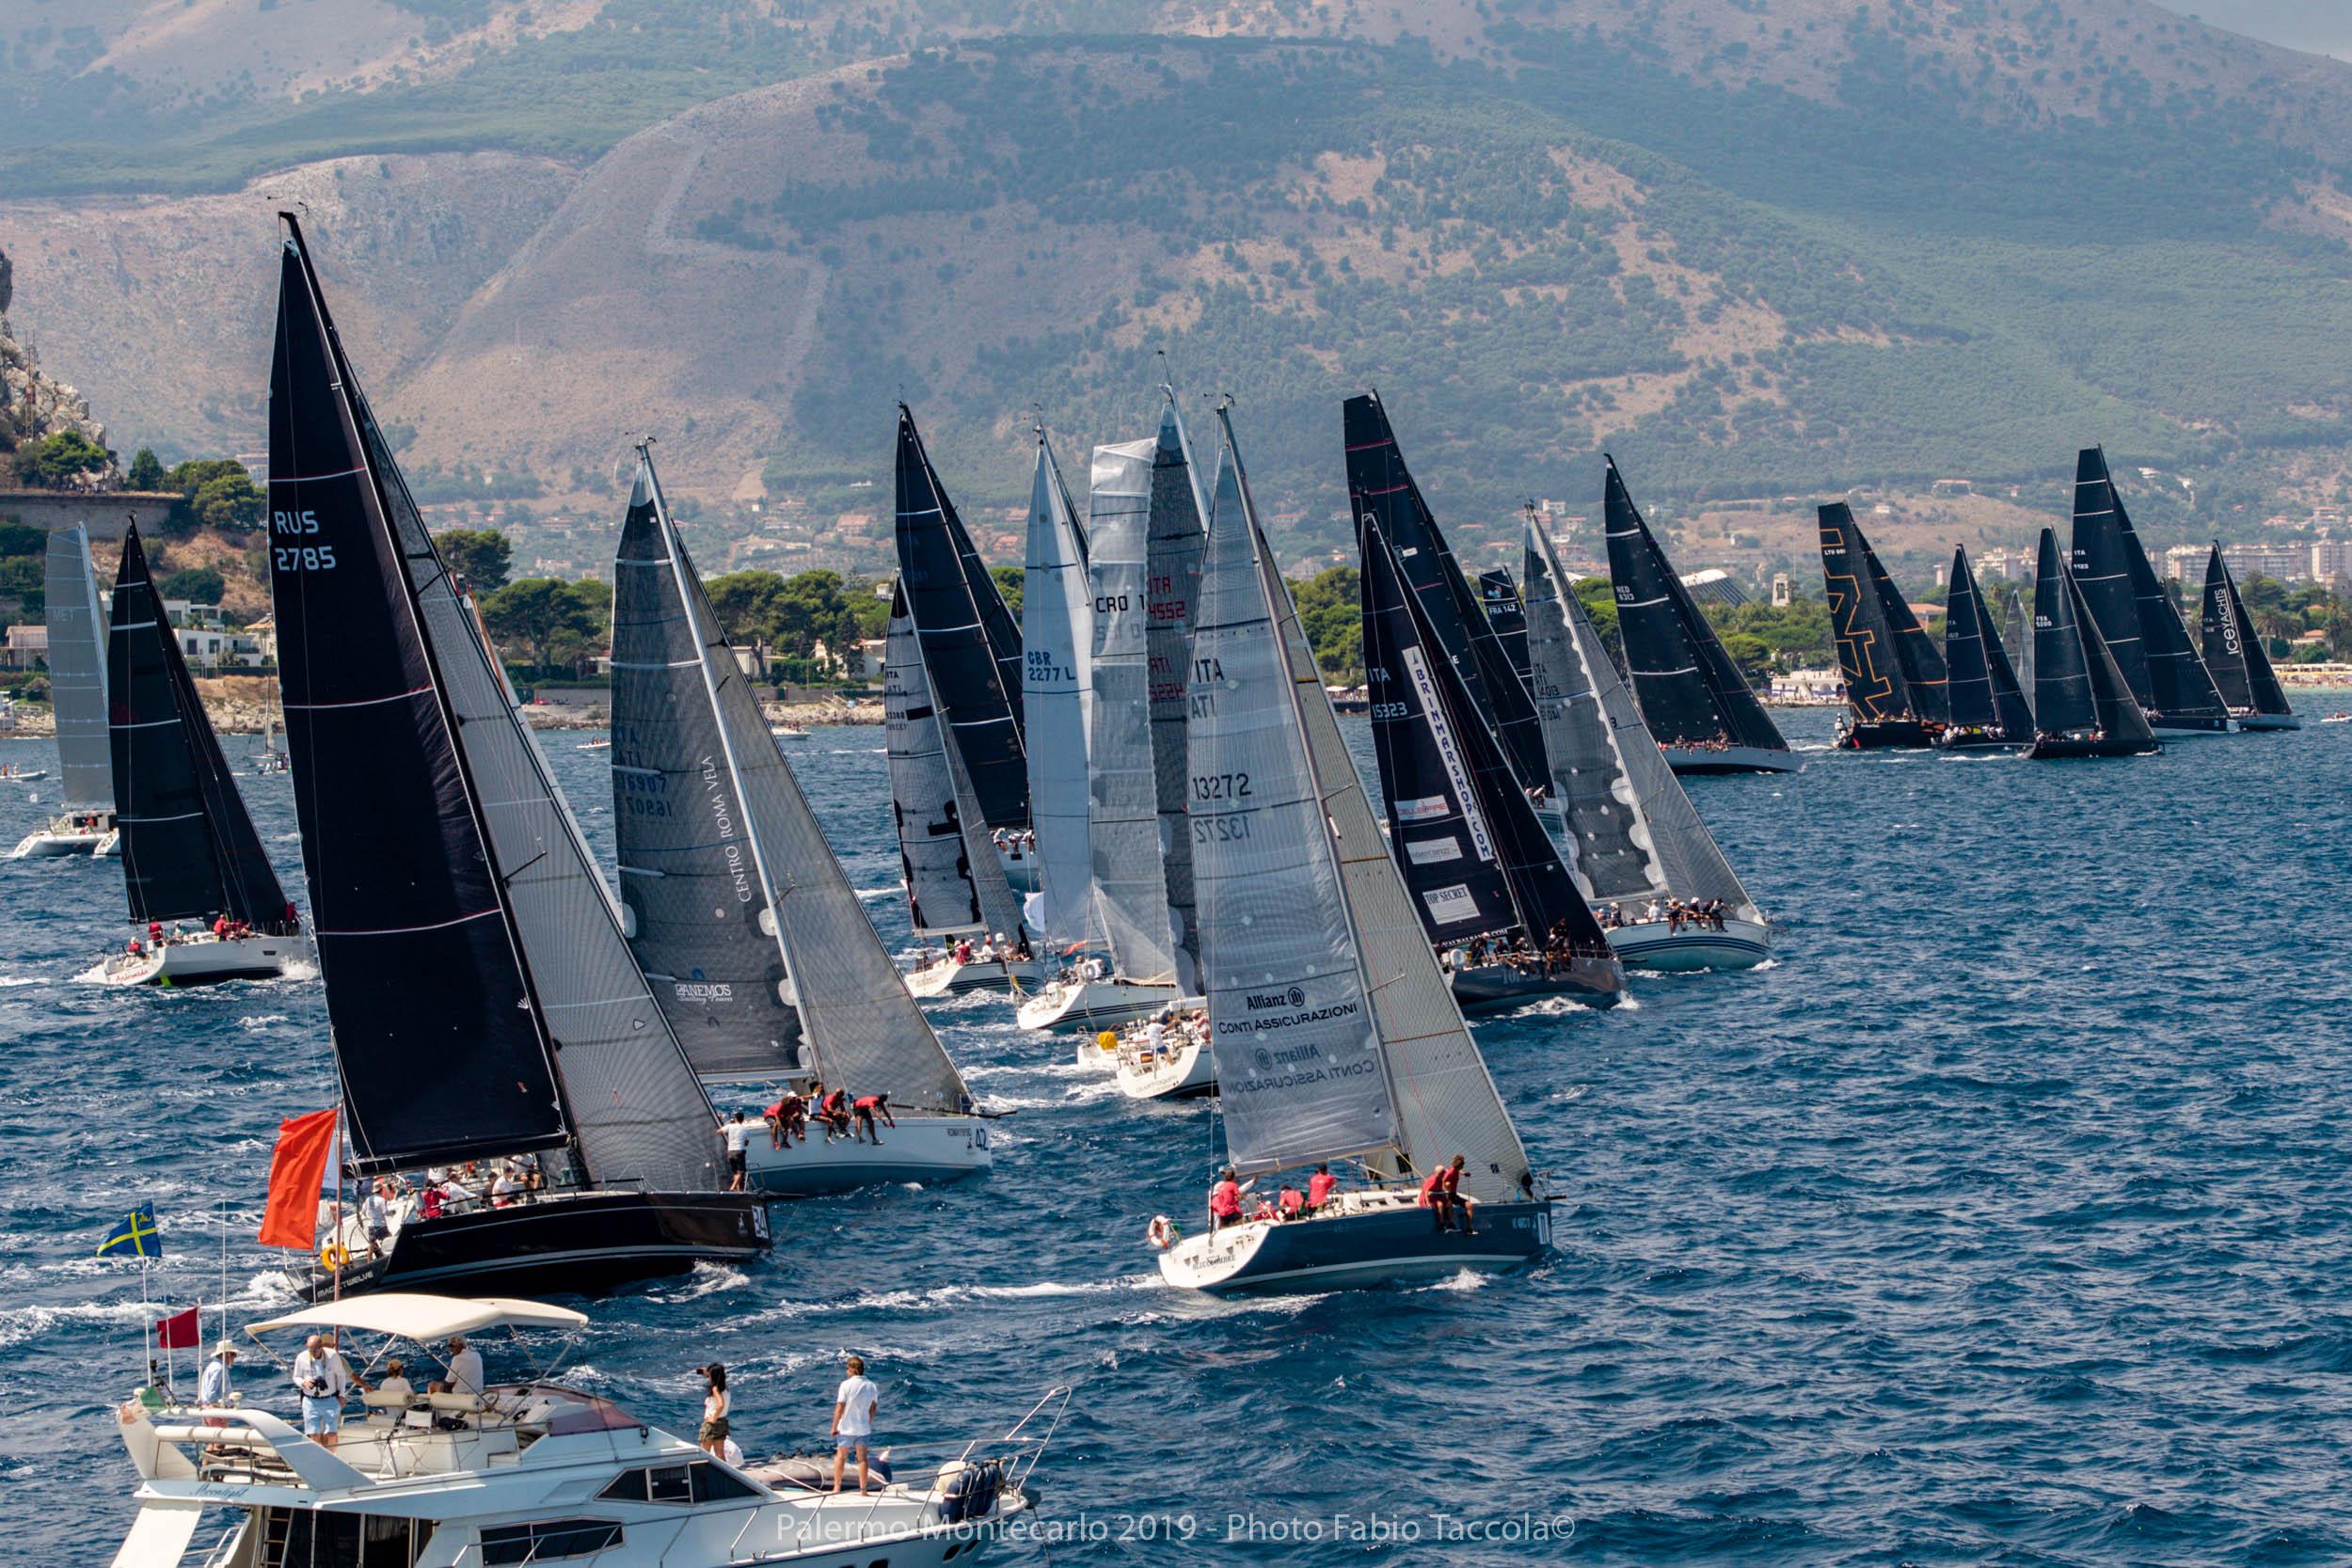 Nel golfo di Mondello spettacolare partenza della XV Palermo-Montecarlo